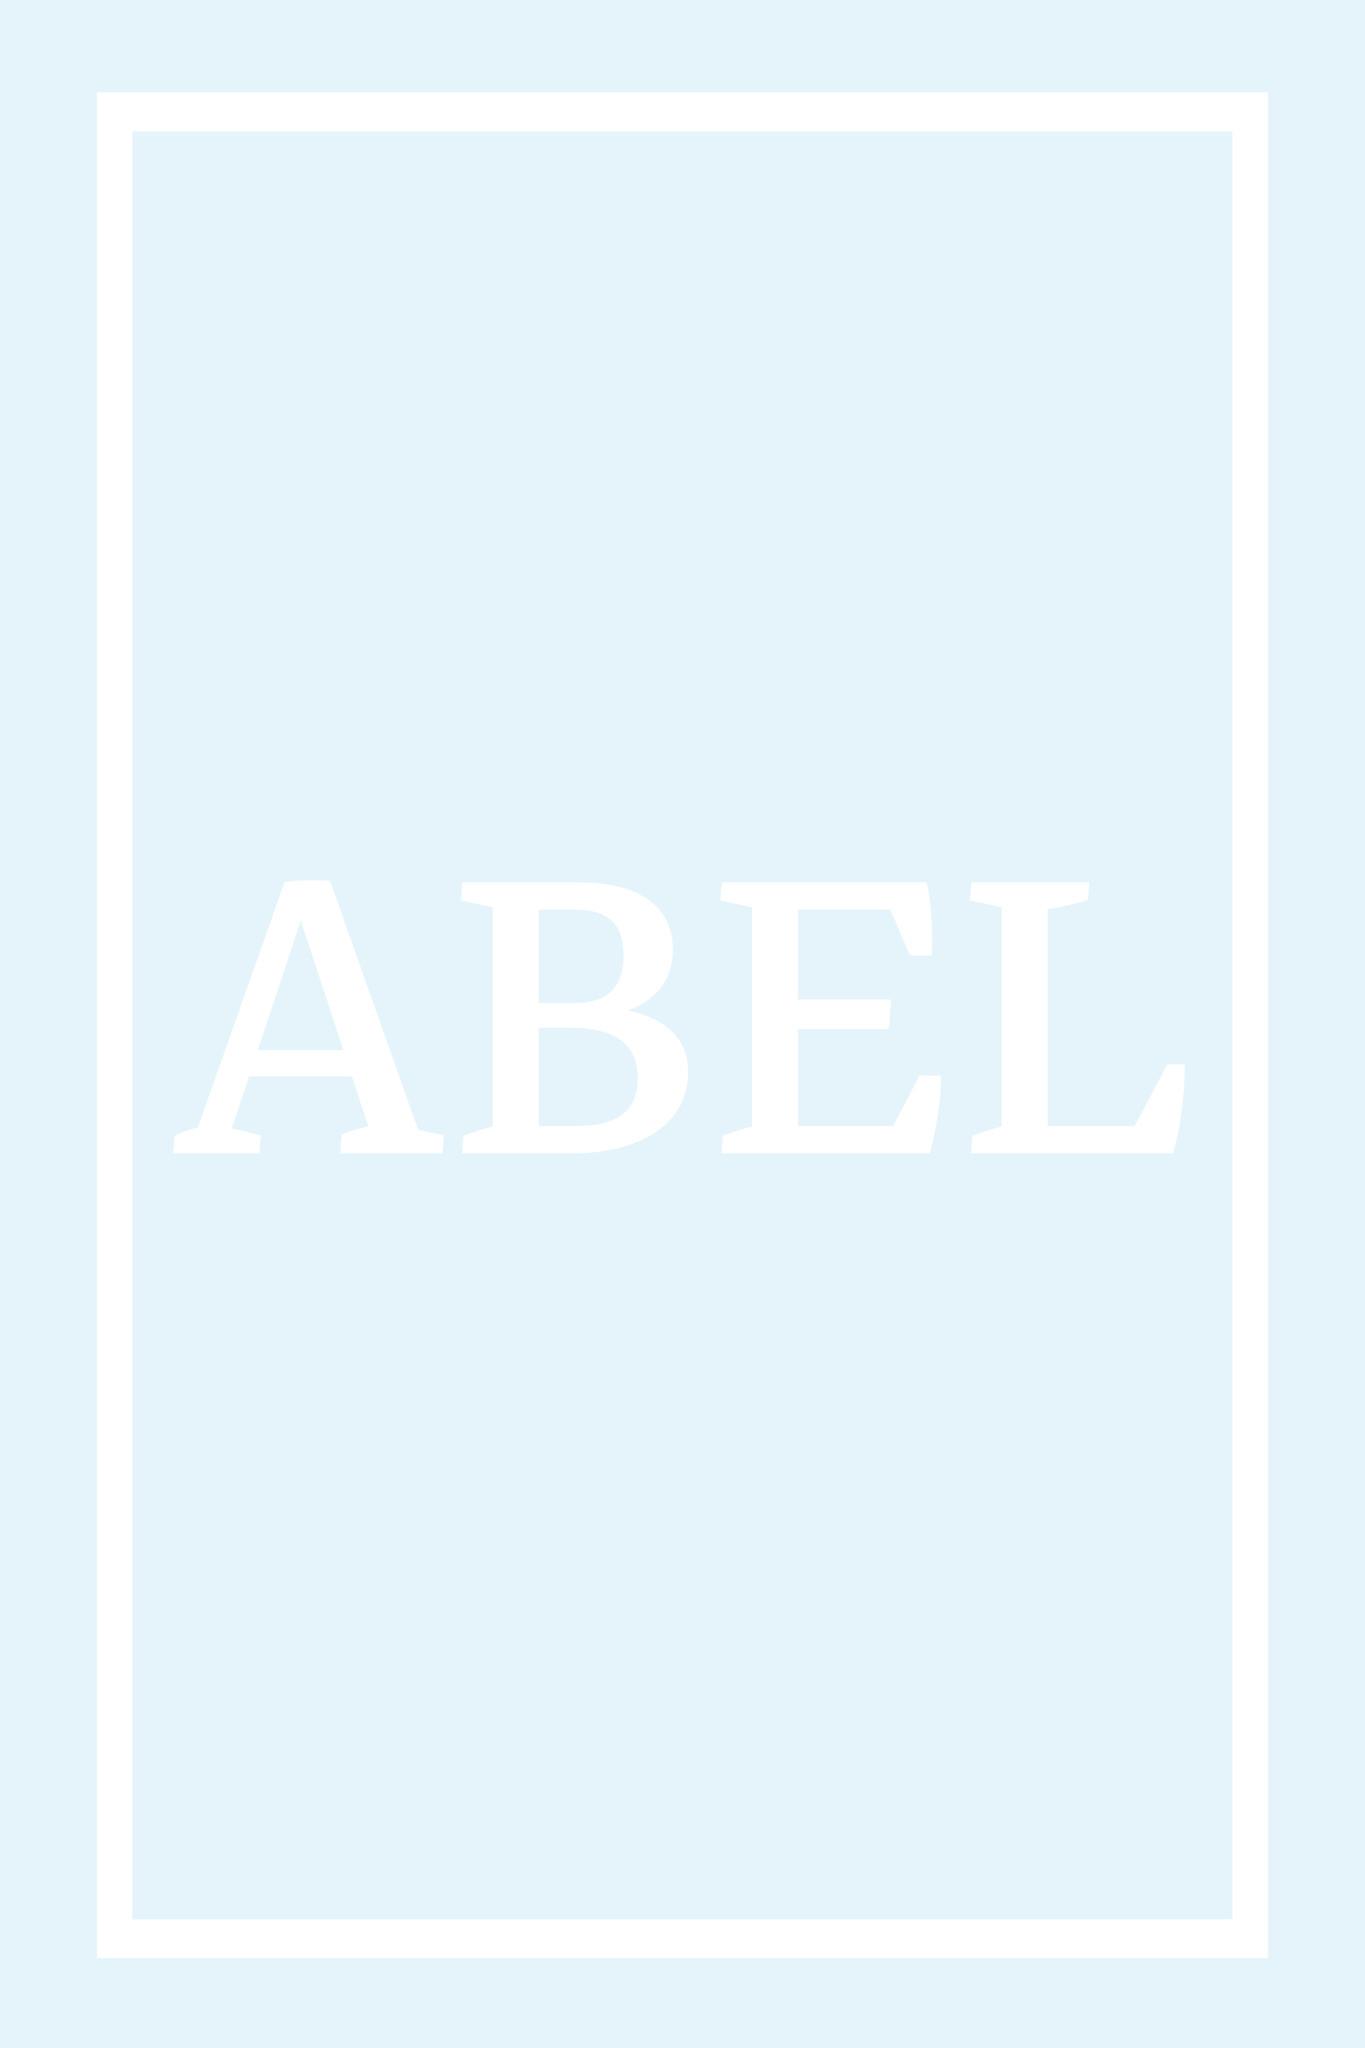 Play Carpet // Blue White - Full Name Portrait